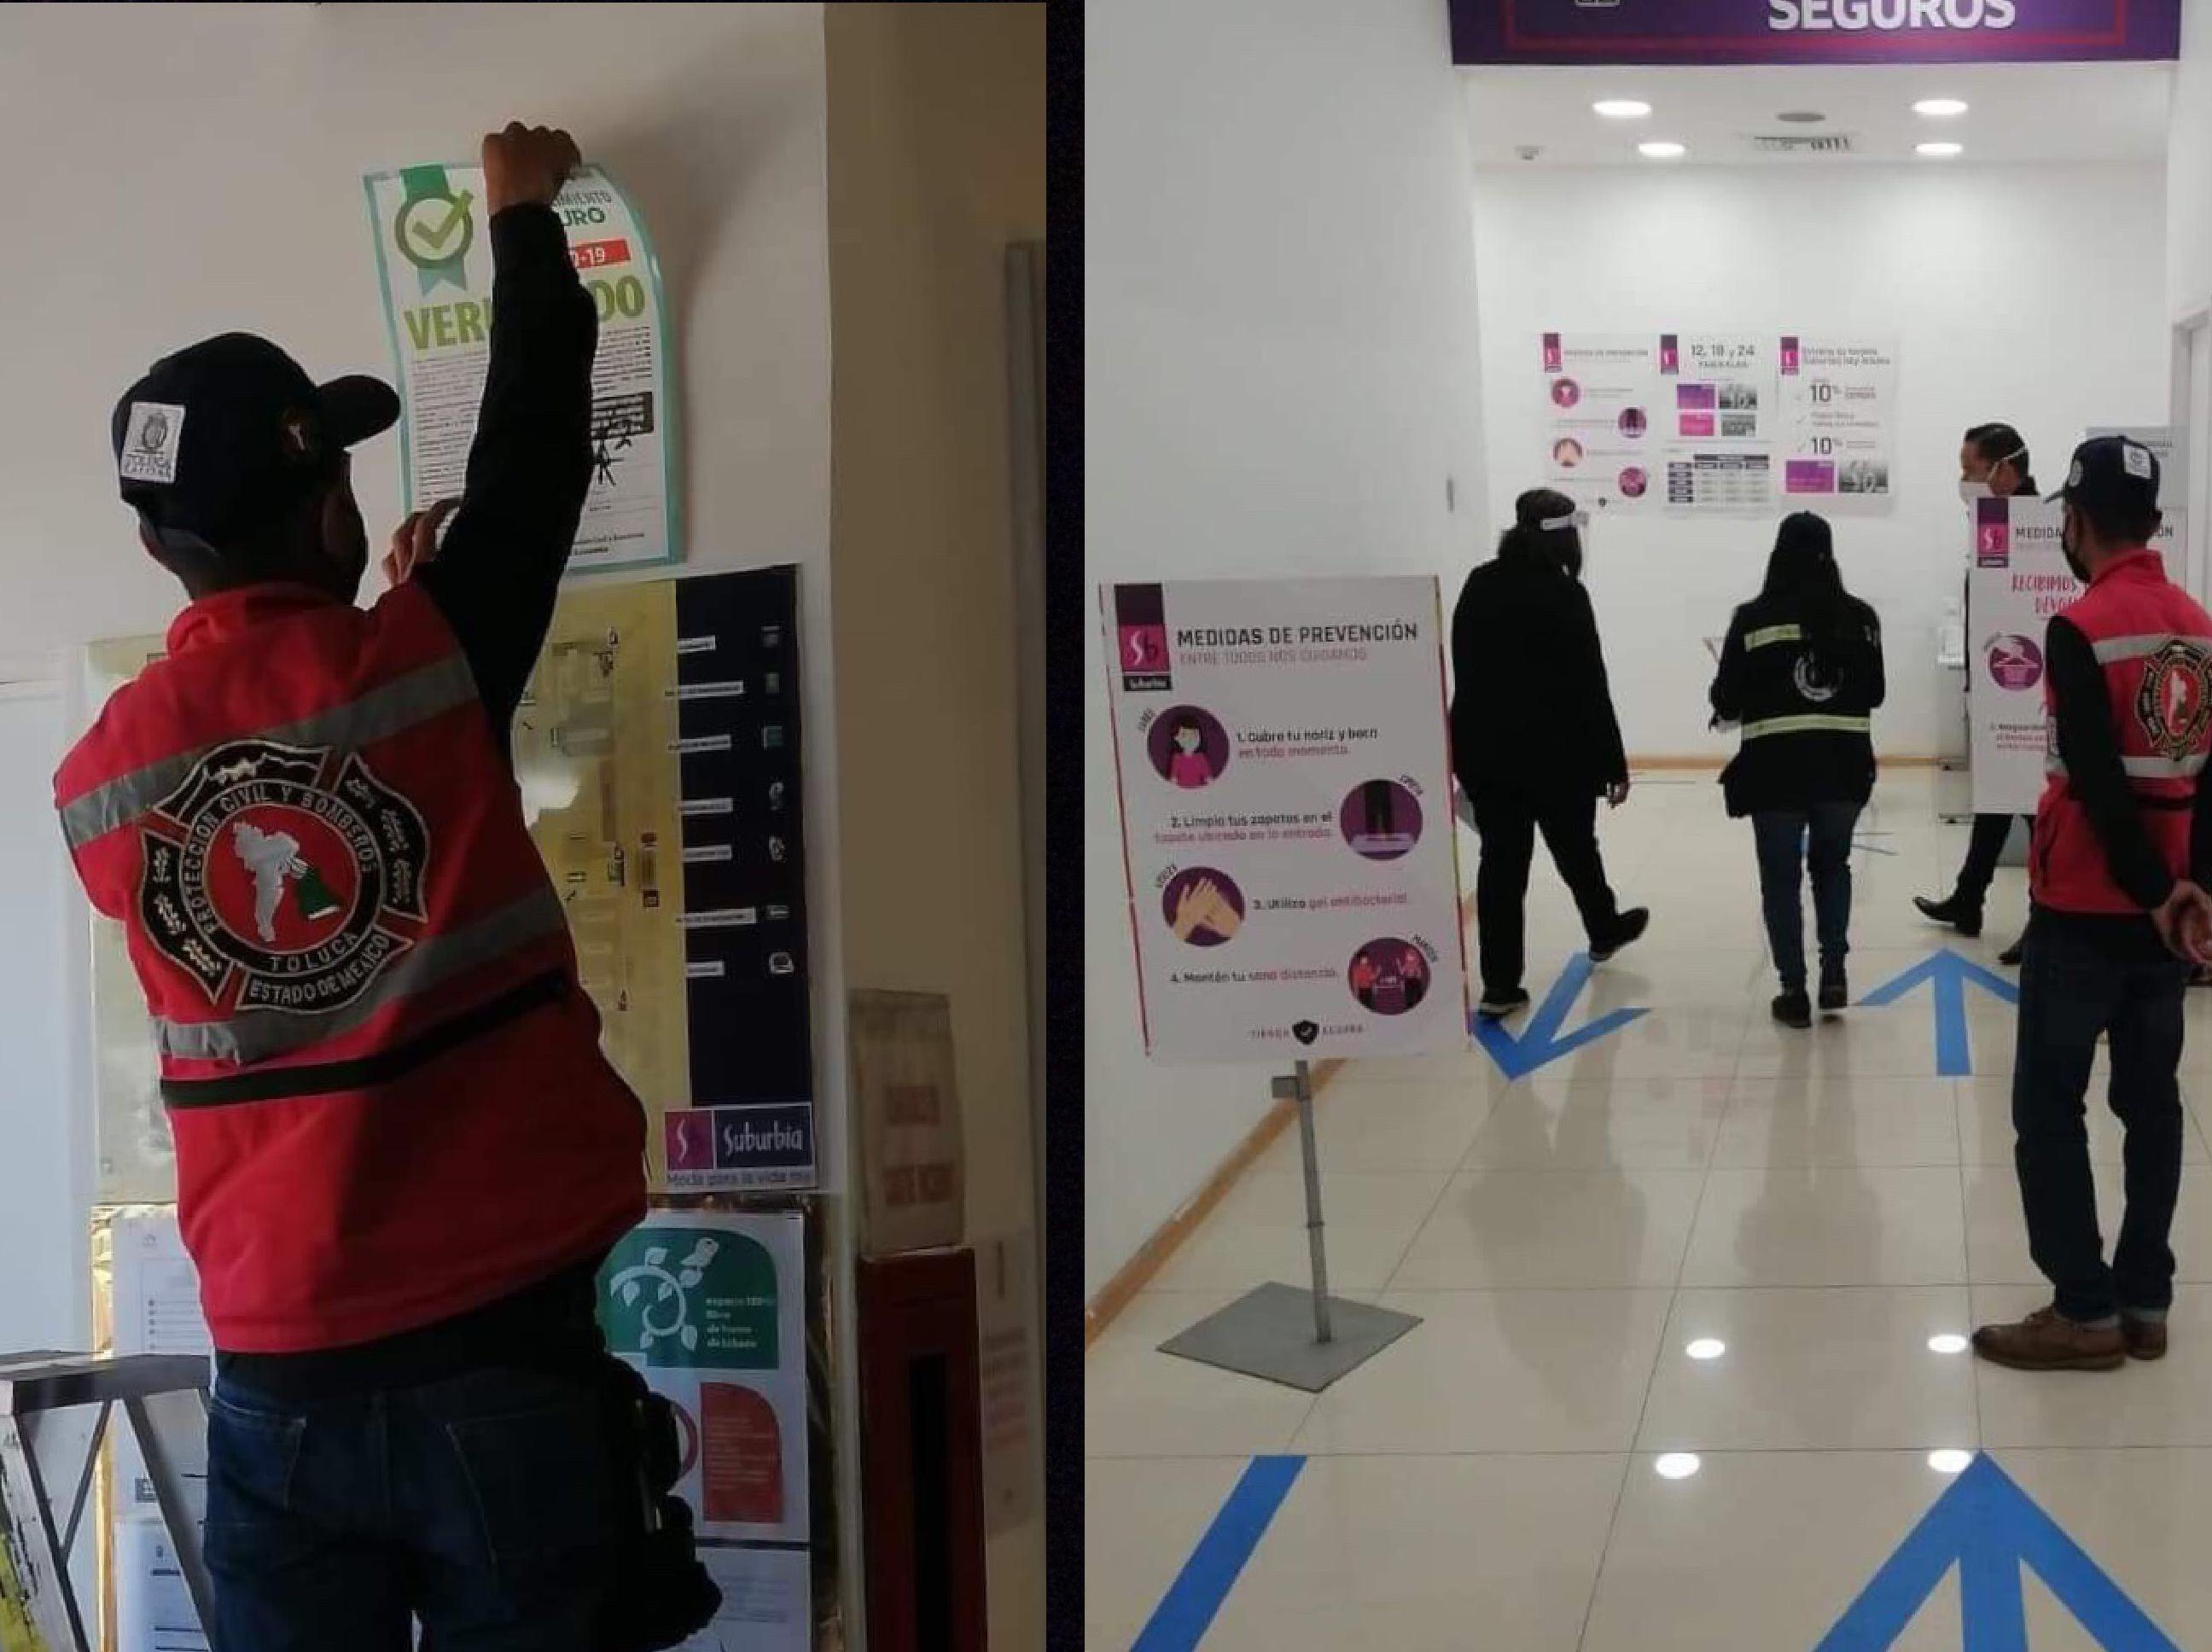 Avala ayuntamiento a negocios seguros en Toluca